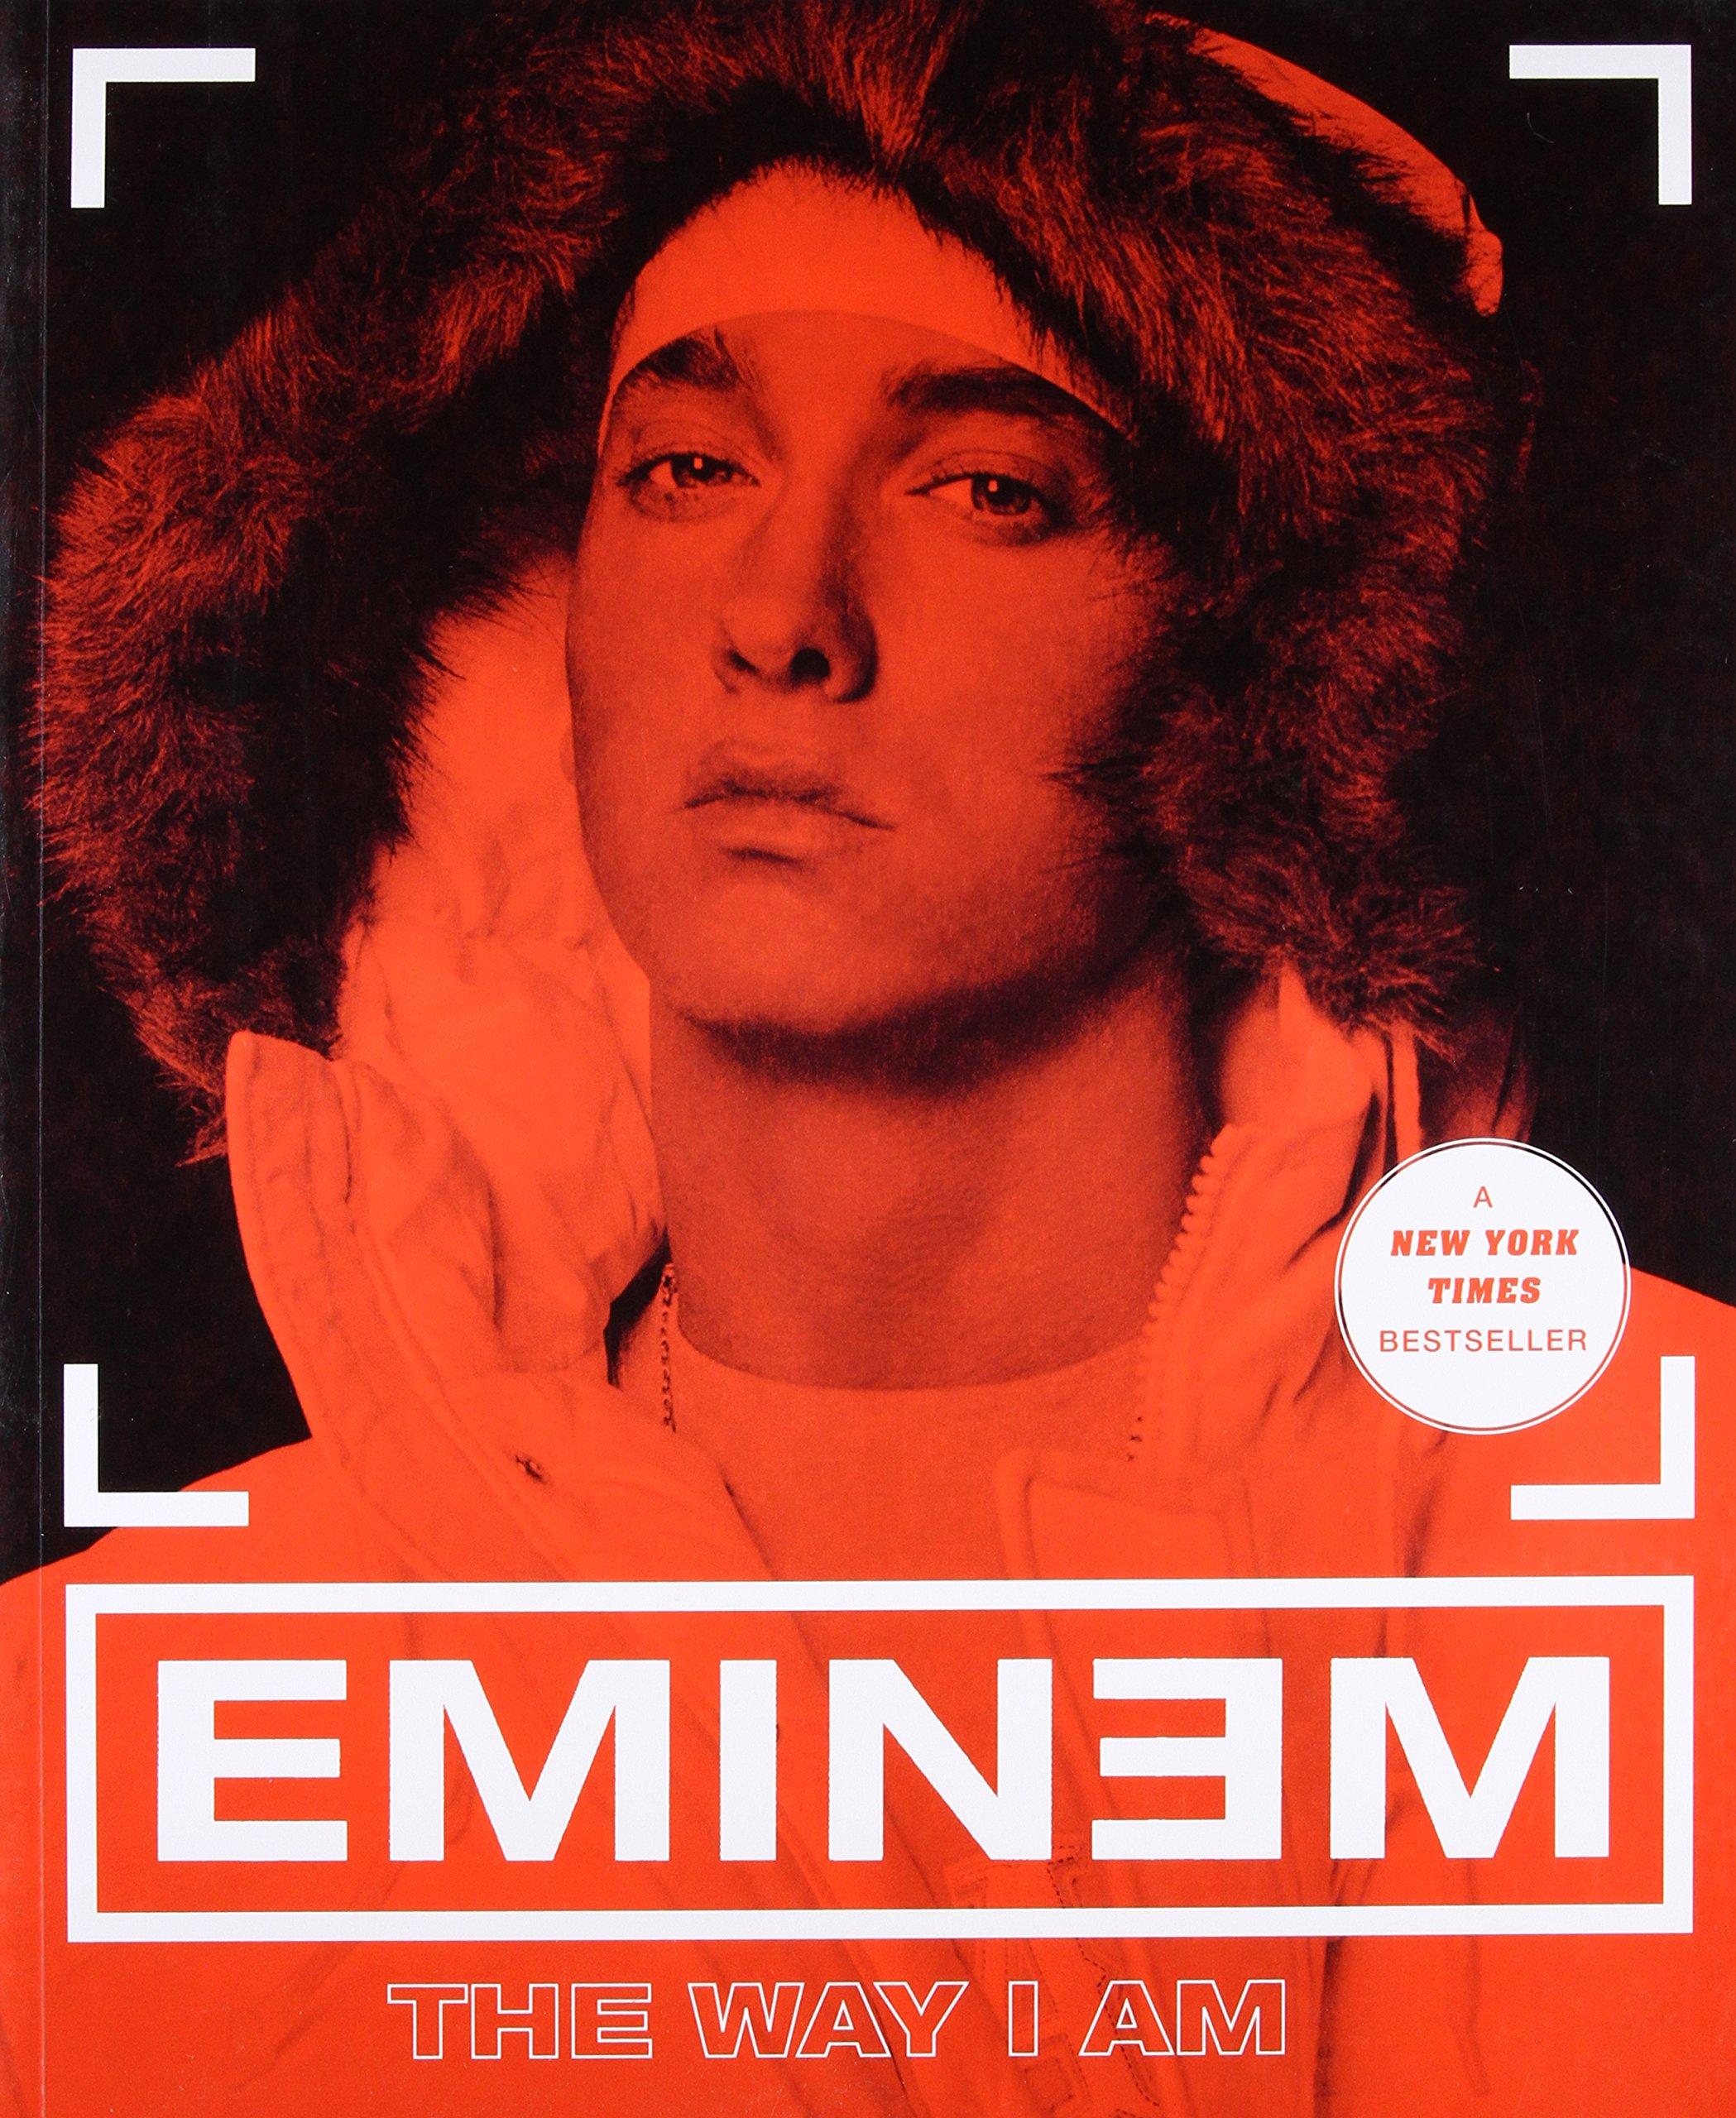 Eminem to publish memoirs